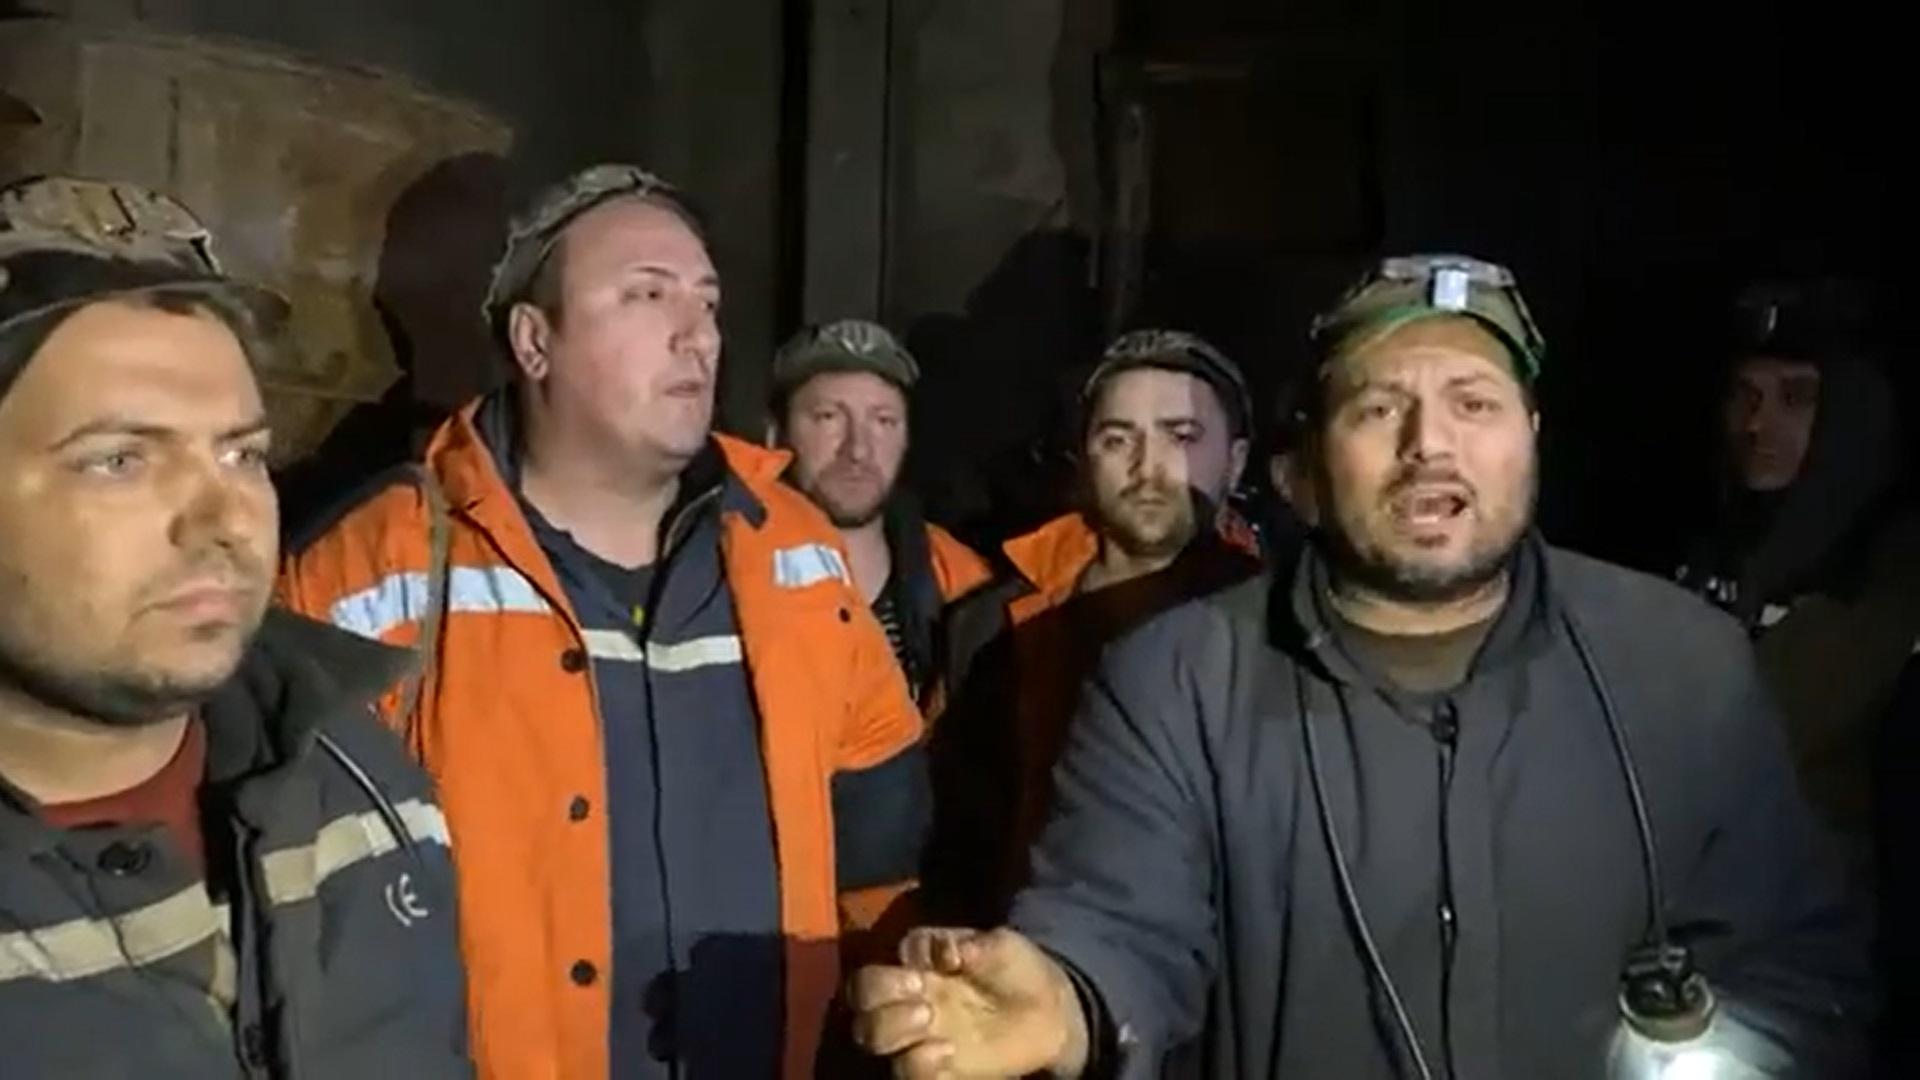 Aproape 100 mineri din Lupeni refuză să iasă din subteran de 48 de ore pentru că nu și-au primit salariile